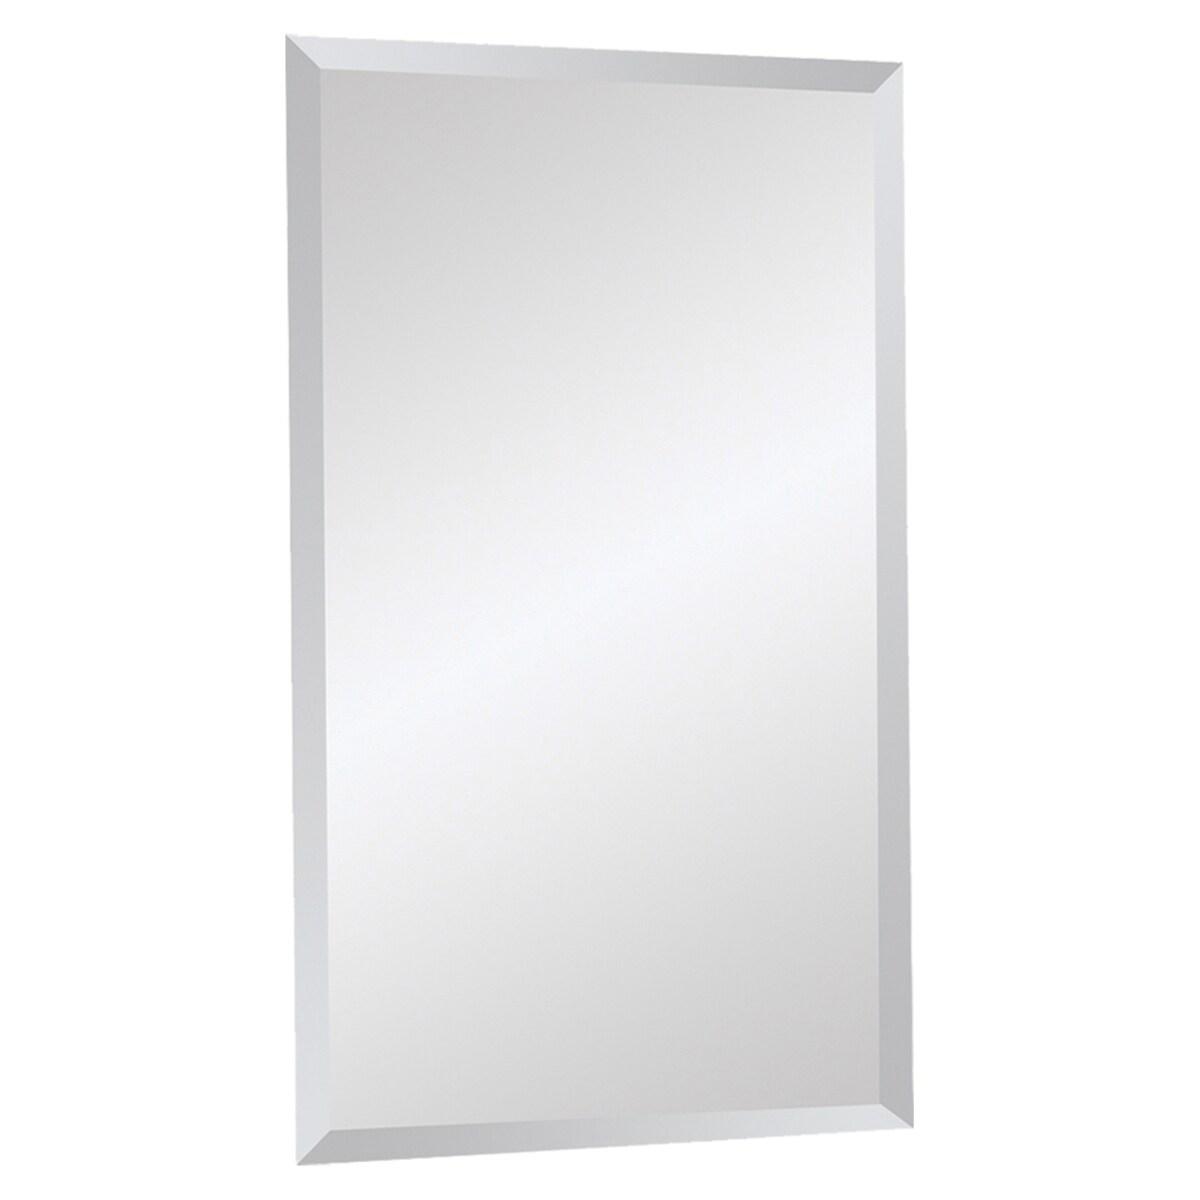 Beveled frameless rectangular mirror overstock shopping for Frameless beveled mirror